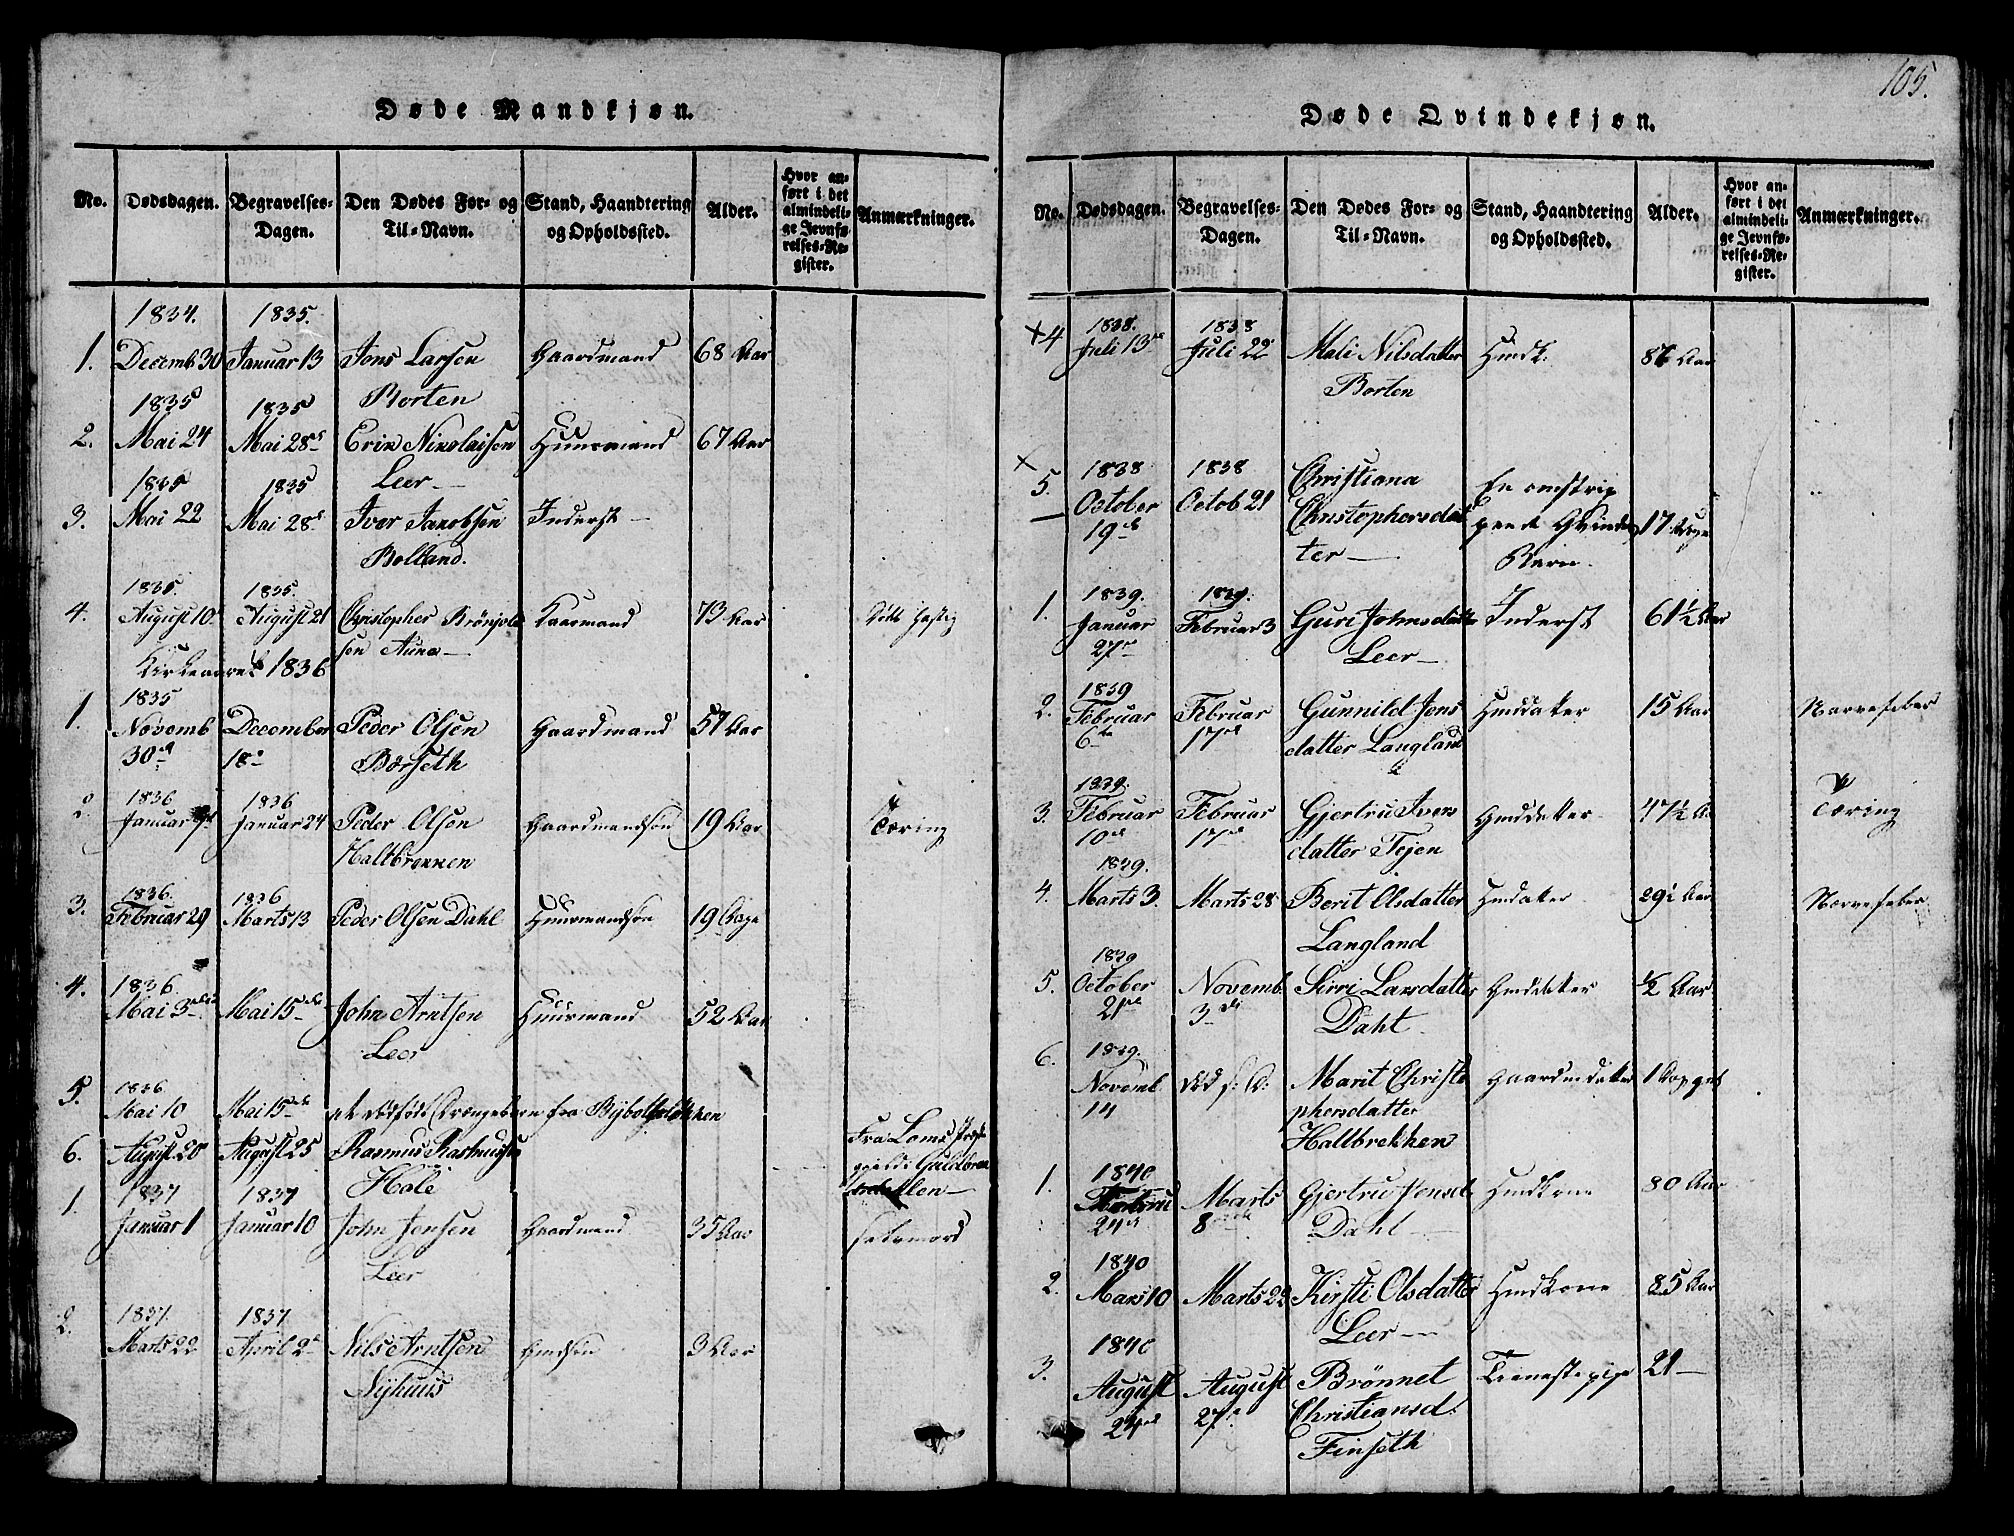 SAT, Ministerialprotokoller, klokkerbøker og fødselsregistre - Sør-Trøndelag, 693/L1121: Klokkerbok nr. 693C02, 1816-1869, s. 105